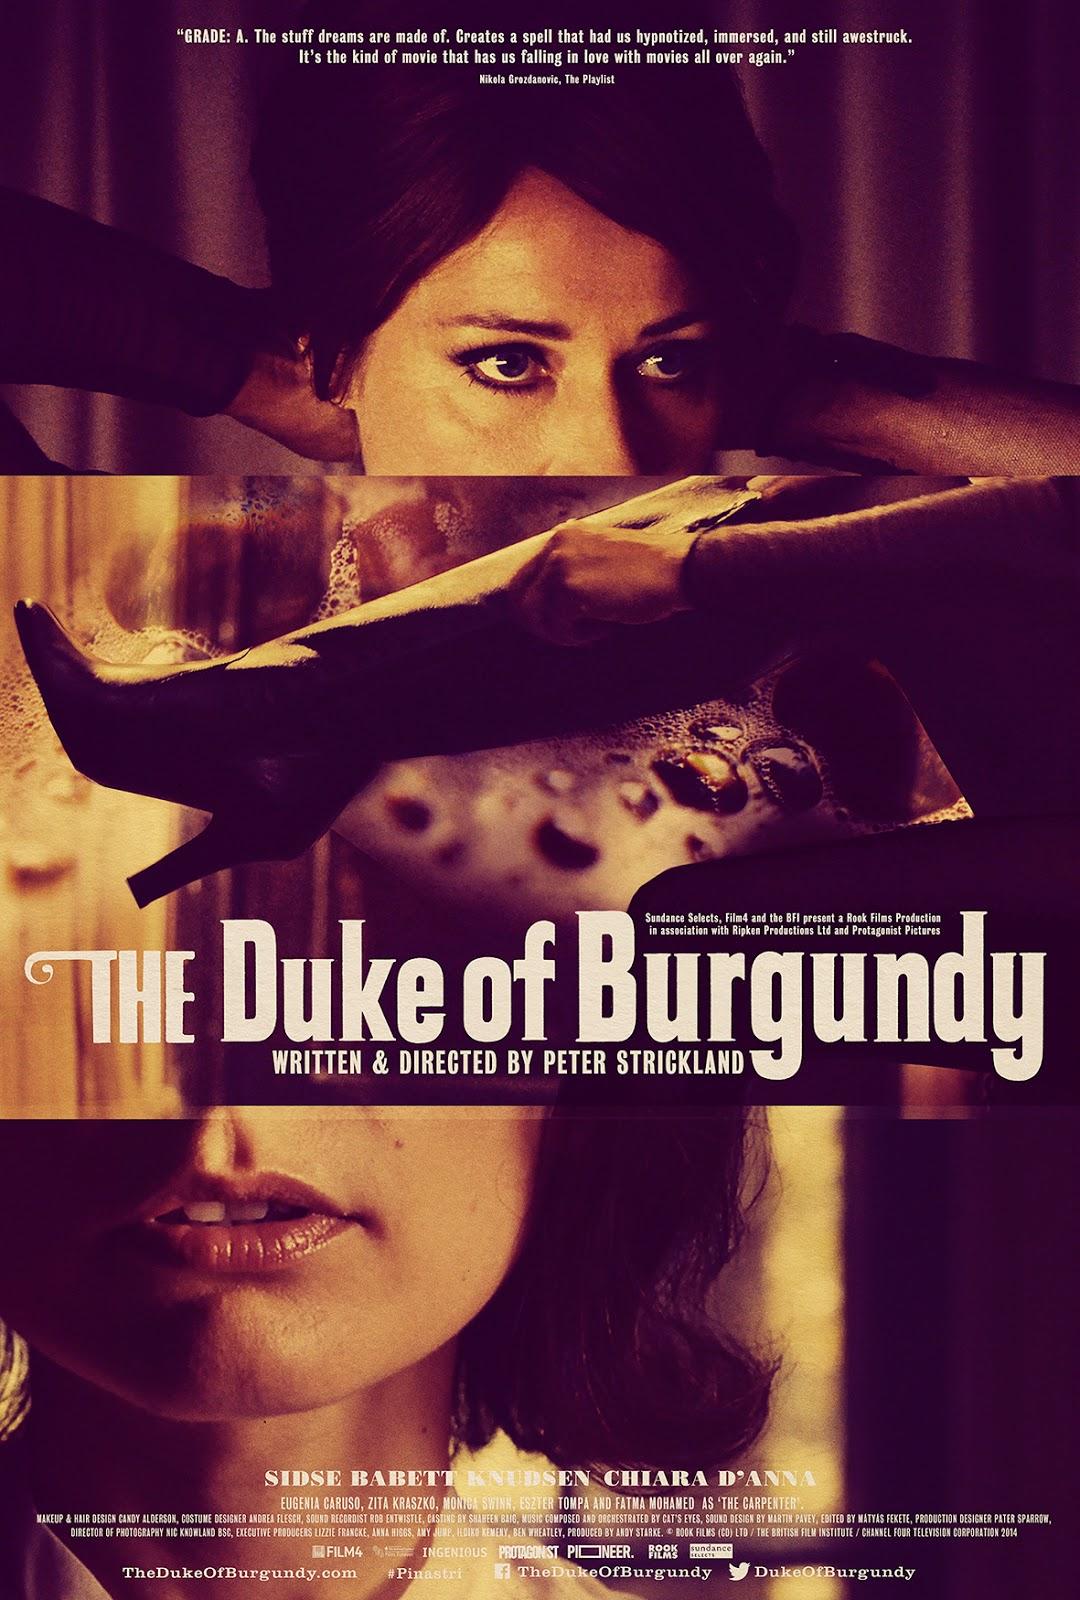 The Duke of Burgundy 2014